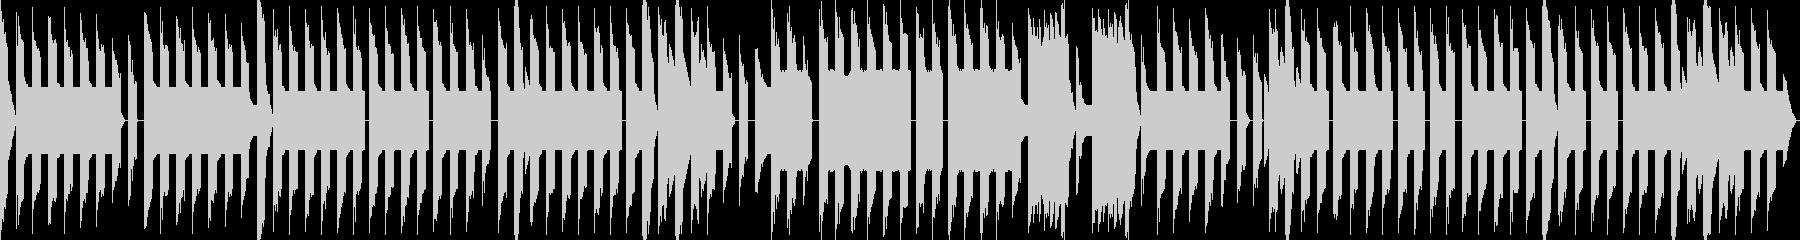 凛々しい雰囲気のチップチューン風BGMの未再生の波形